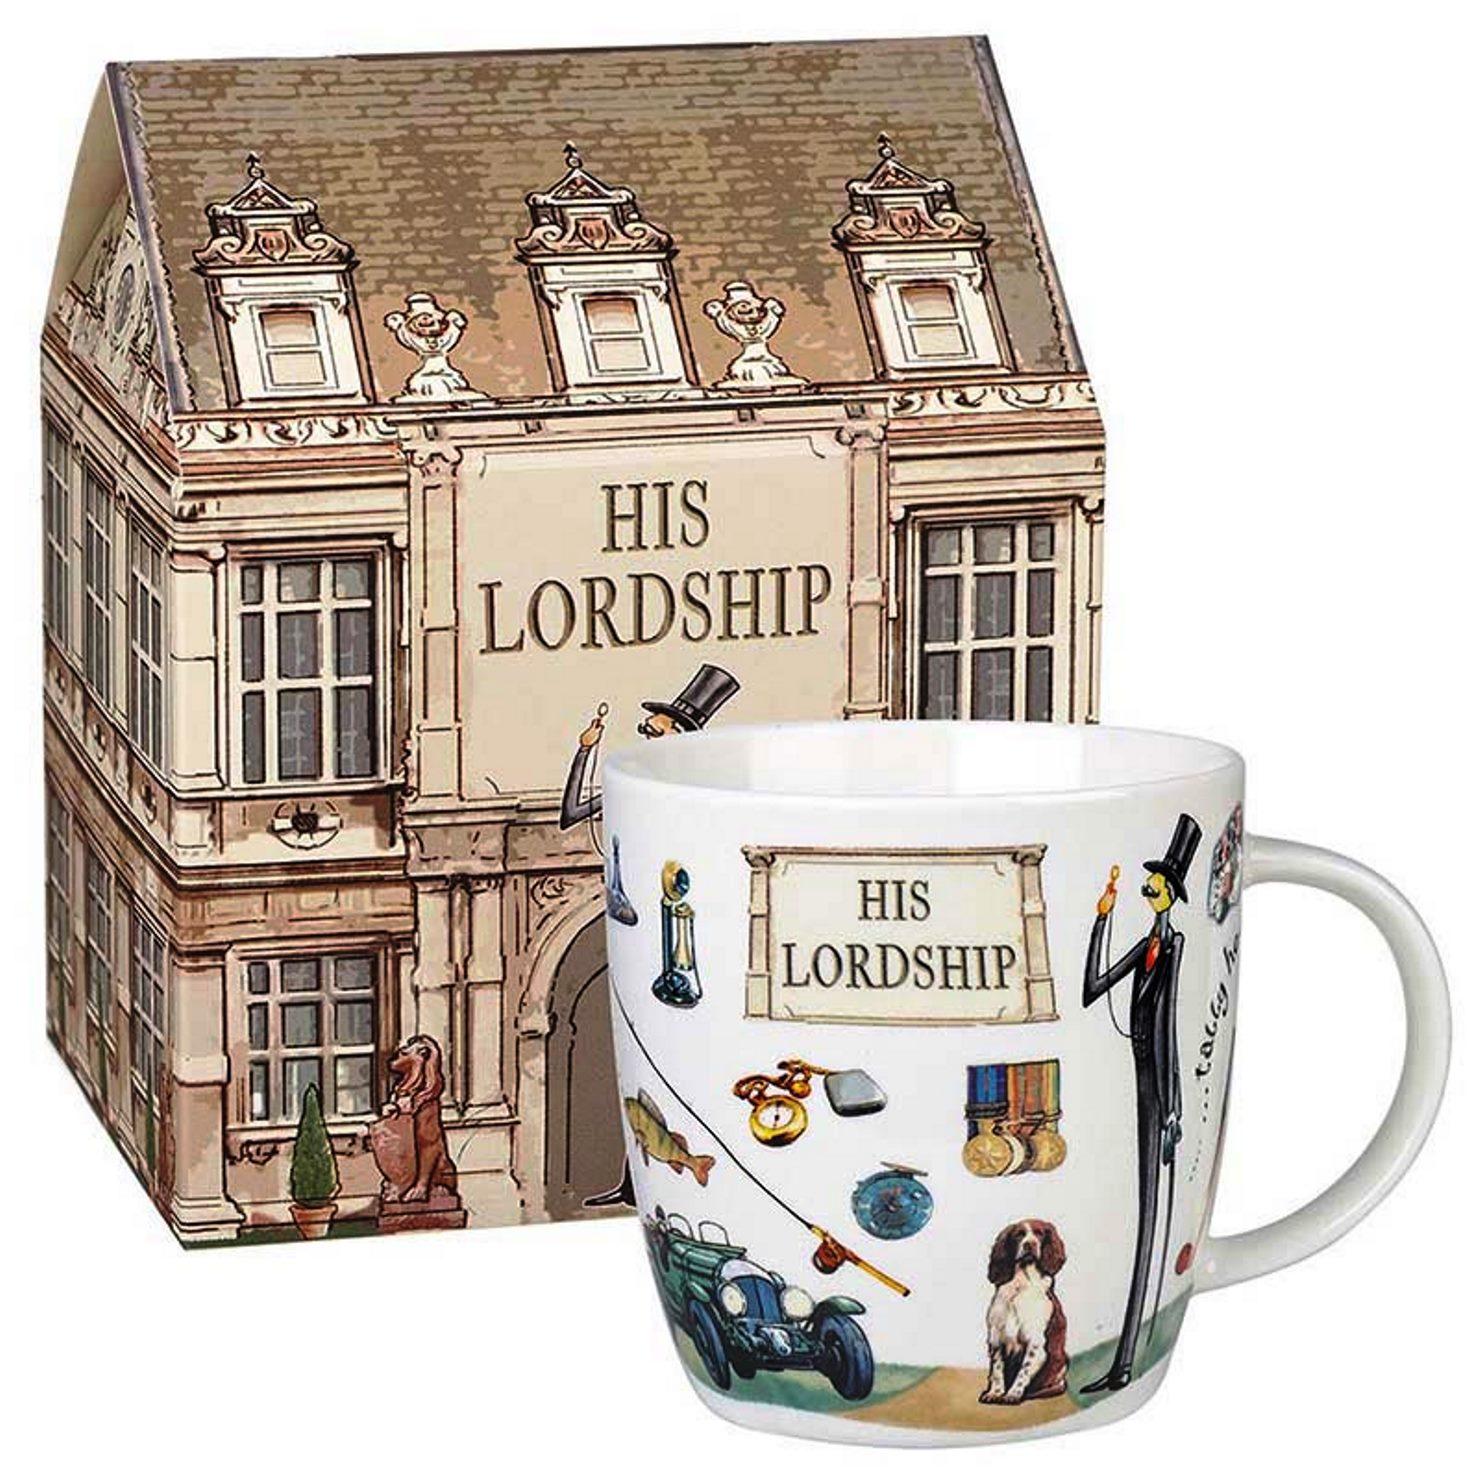 Онлайн каталог PROMENU: Кружка фарфоровая в подарочной упаковке Churchill AT YOUR LEISURE SQUASH, объем 0,4 л, белый                               YOUR00041